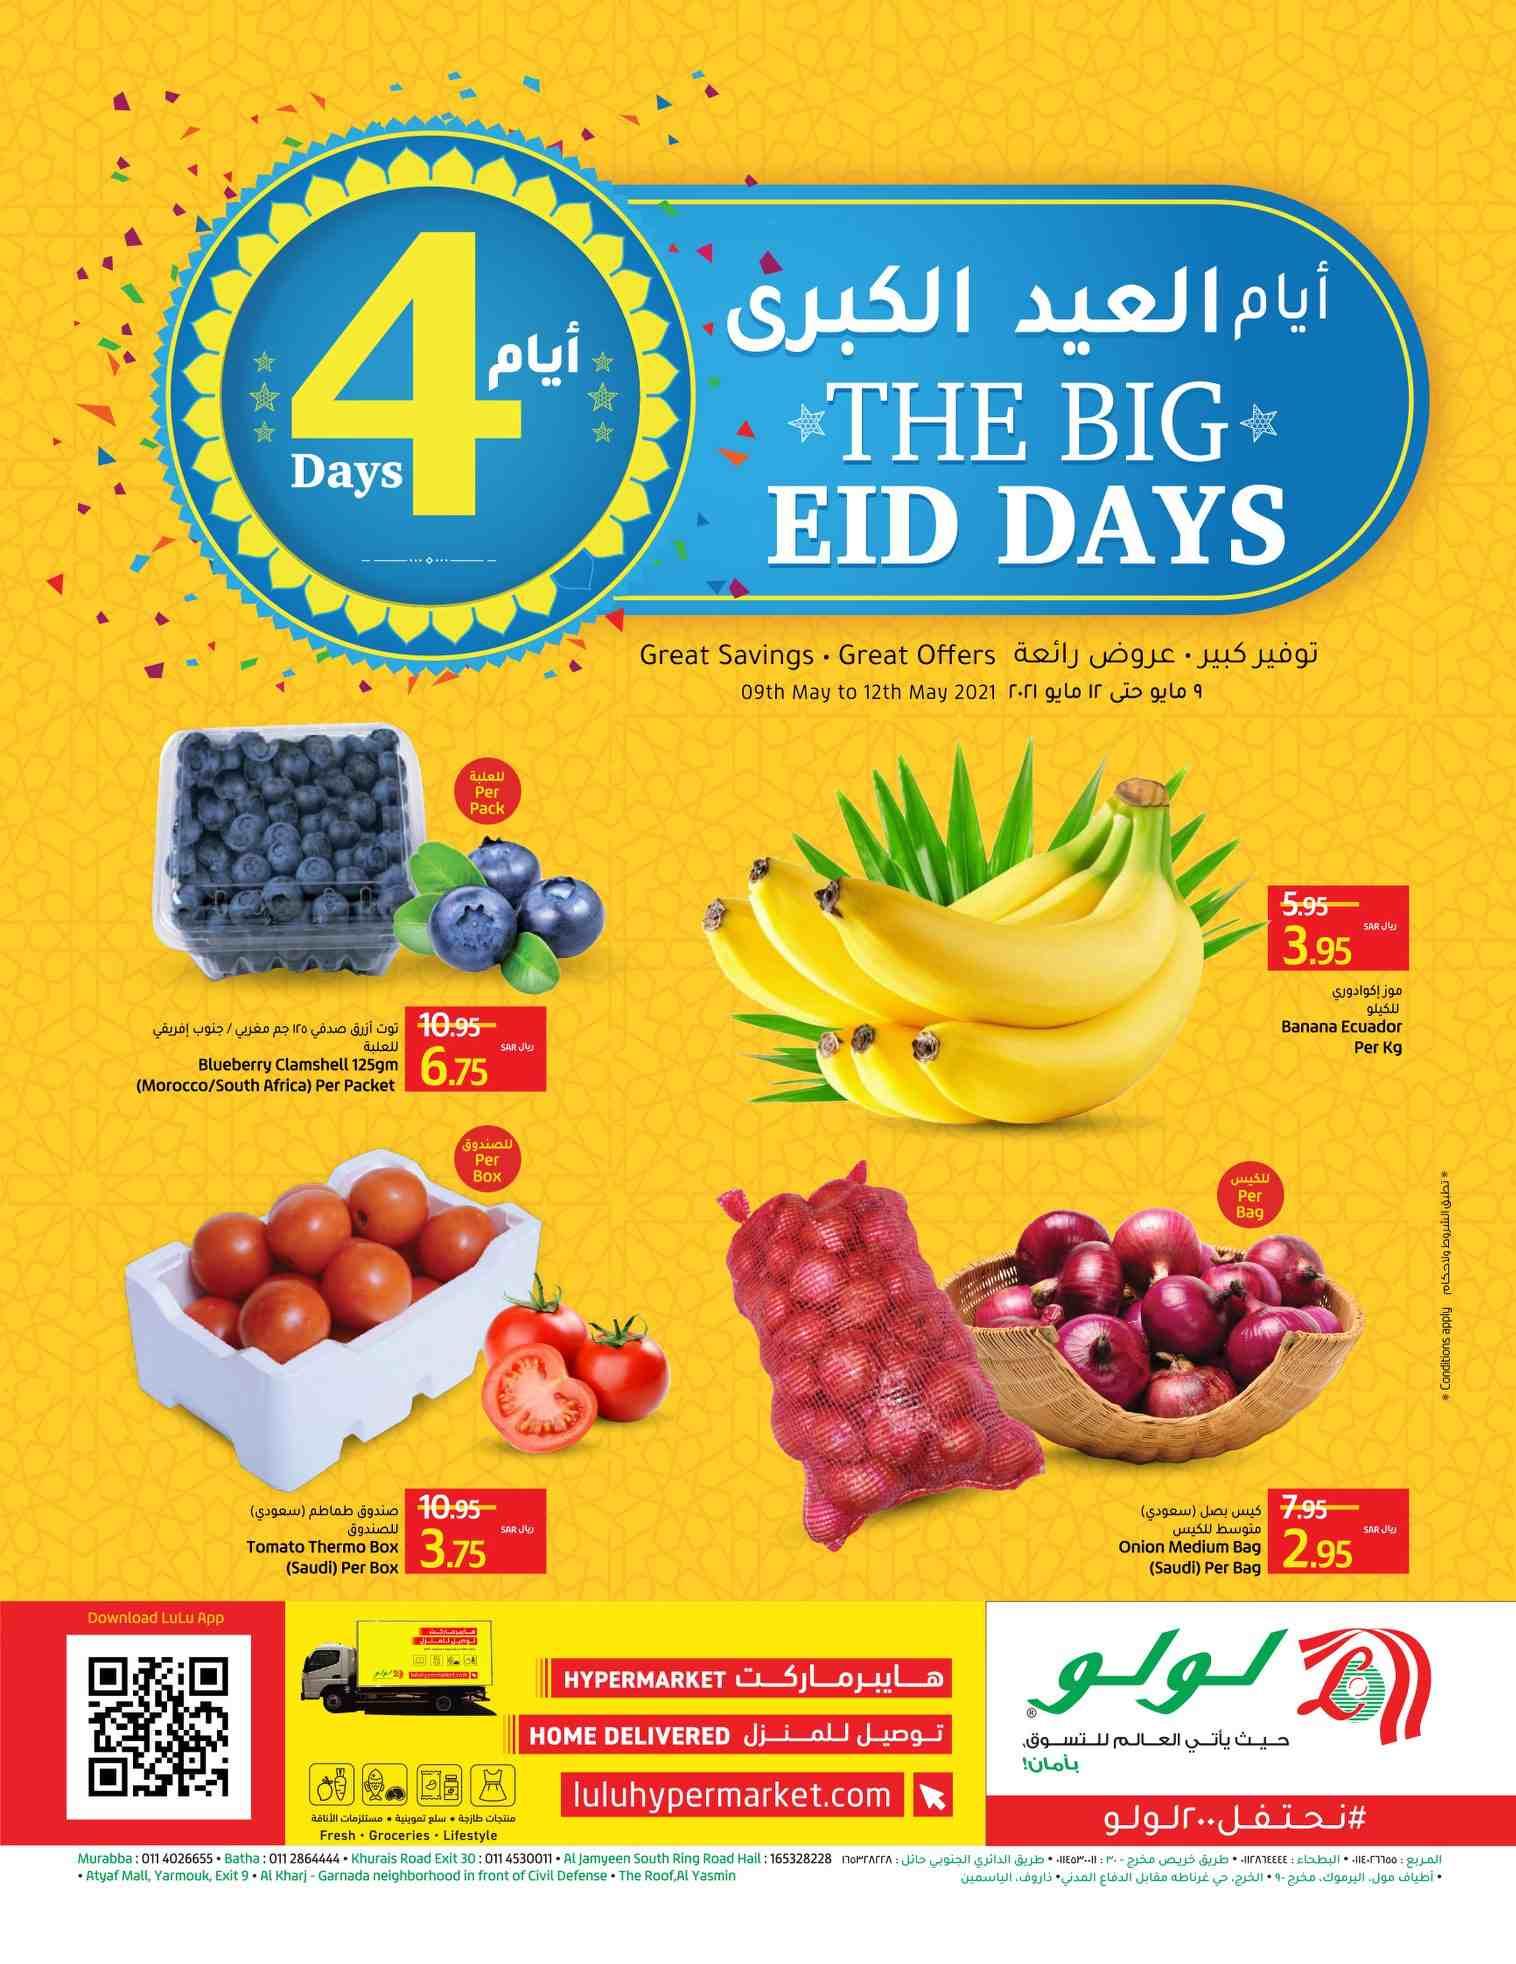 عروض لولو الرياض اليوم 9 مايو حتى 12 مايو 2021 ايام العيد الكبرى